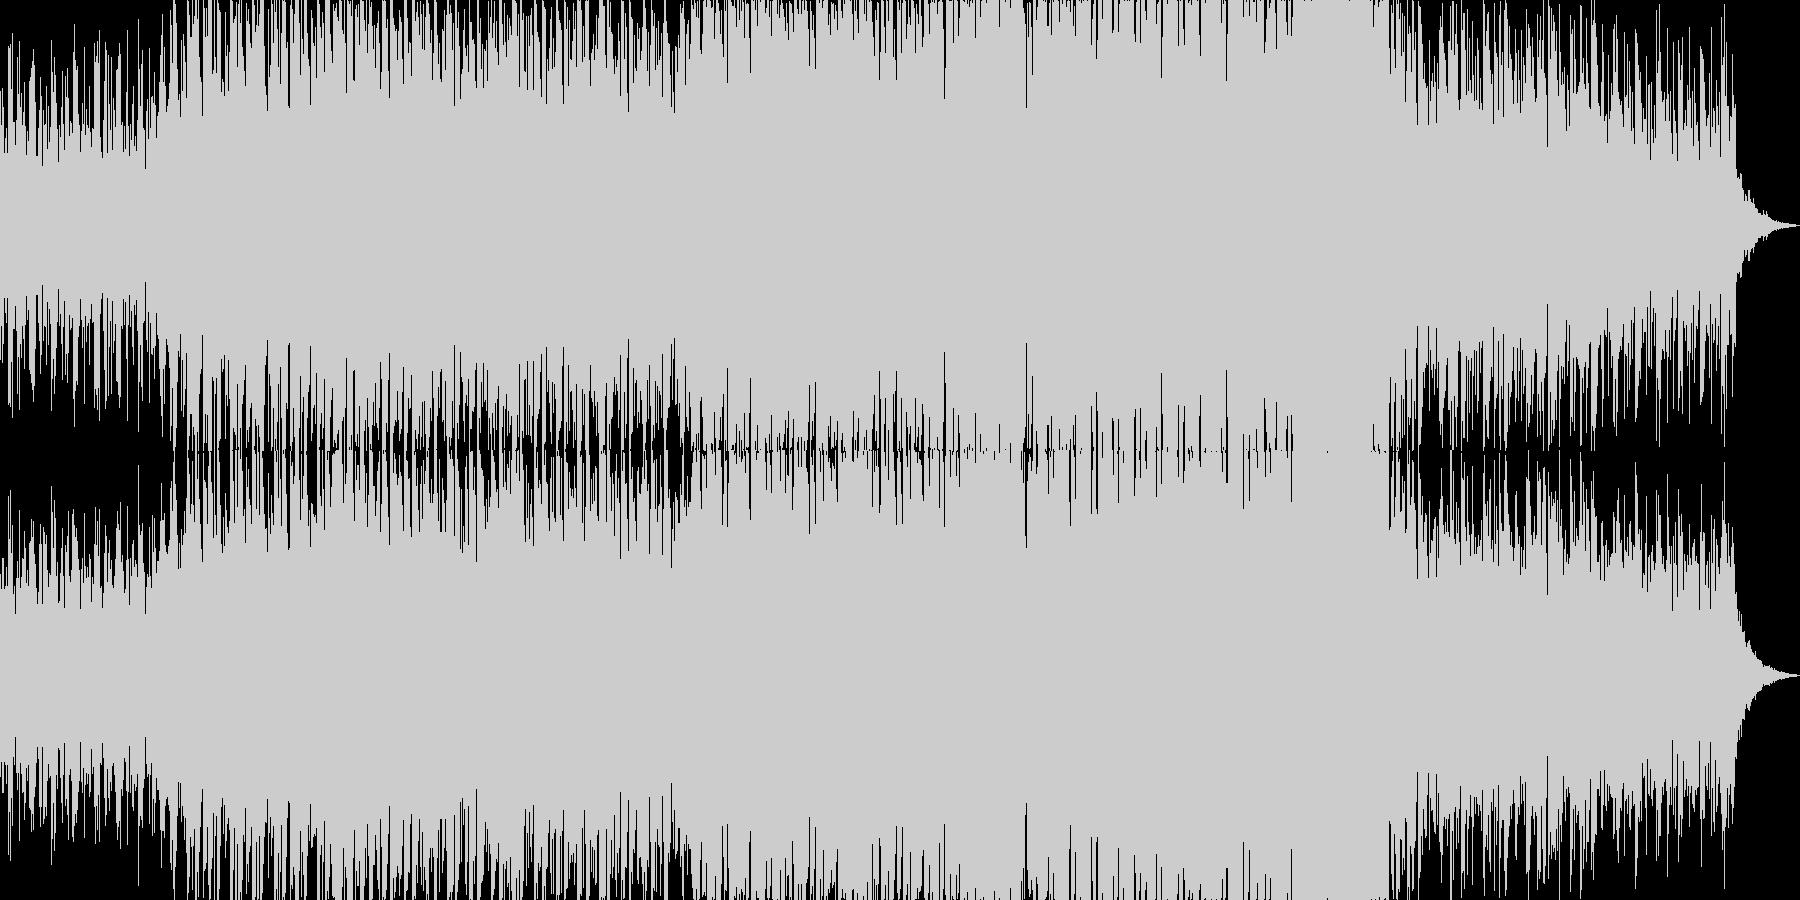 メロディックでポップなドラムンベースの未再生の波形